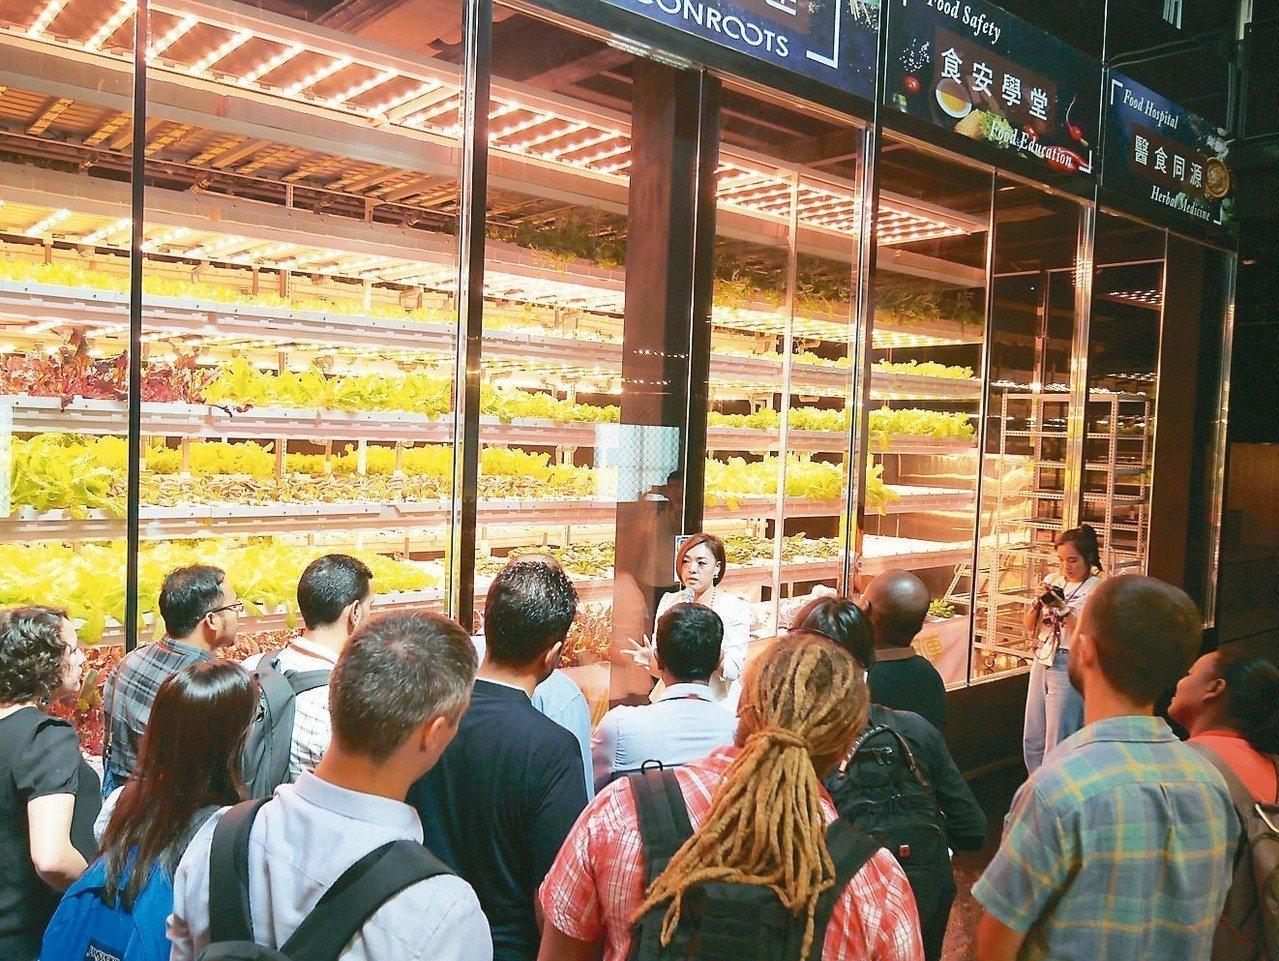 太極光擁有LED混光封裝技術,應用於農產品作物栽培。 櫃買中心╱提供